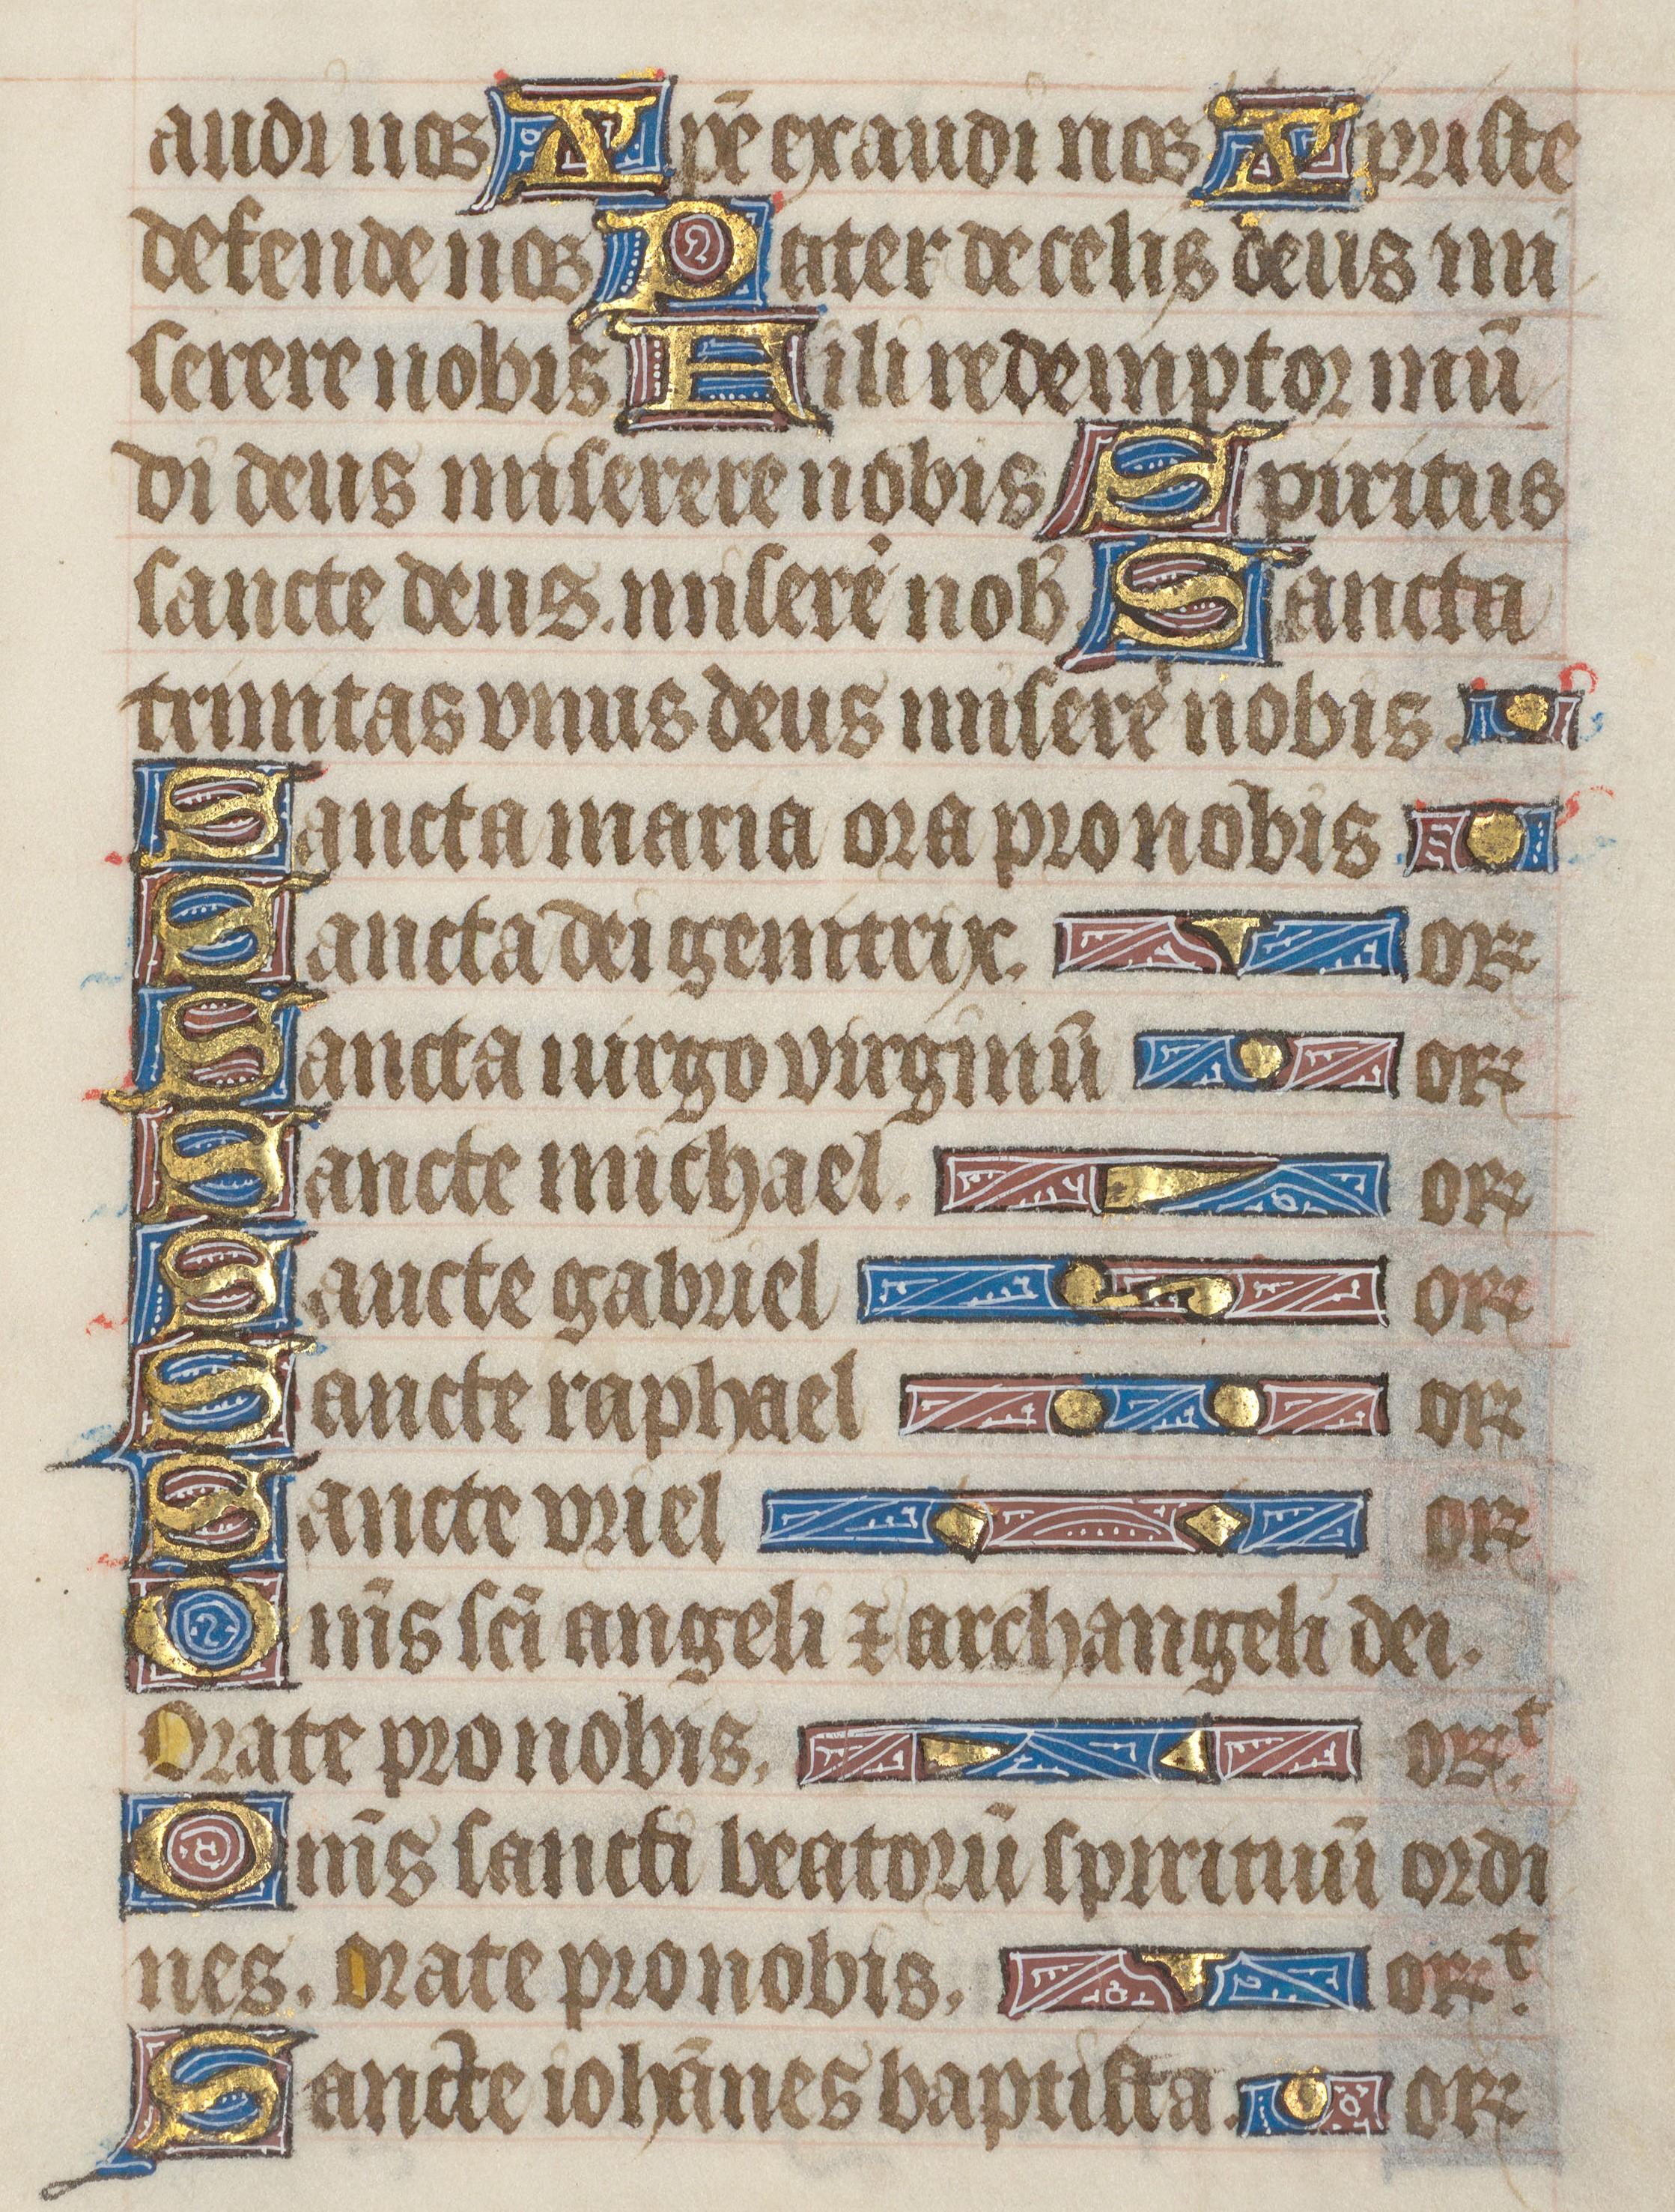 Contenu du Litanies du Ms 230 (Livres d'heures à l'usage de Toul)